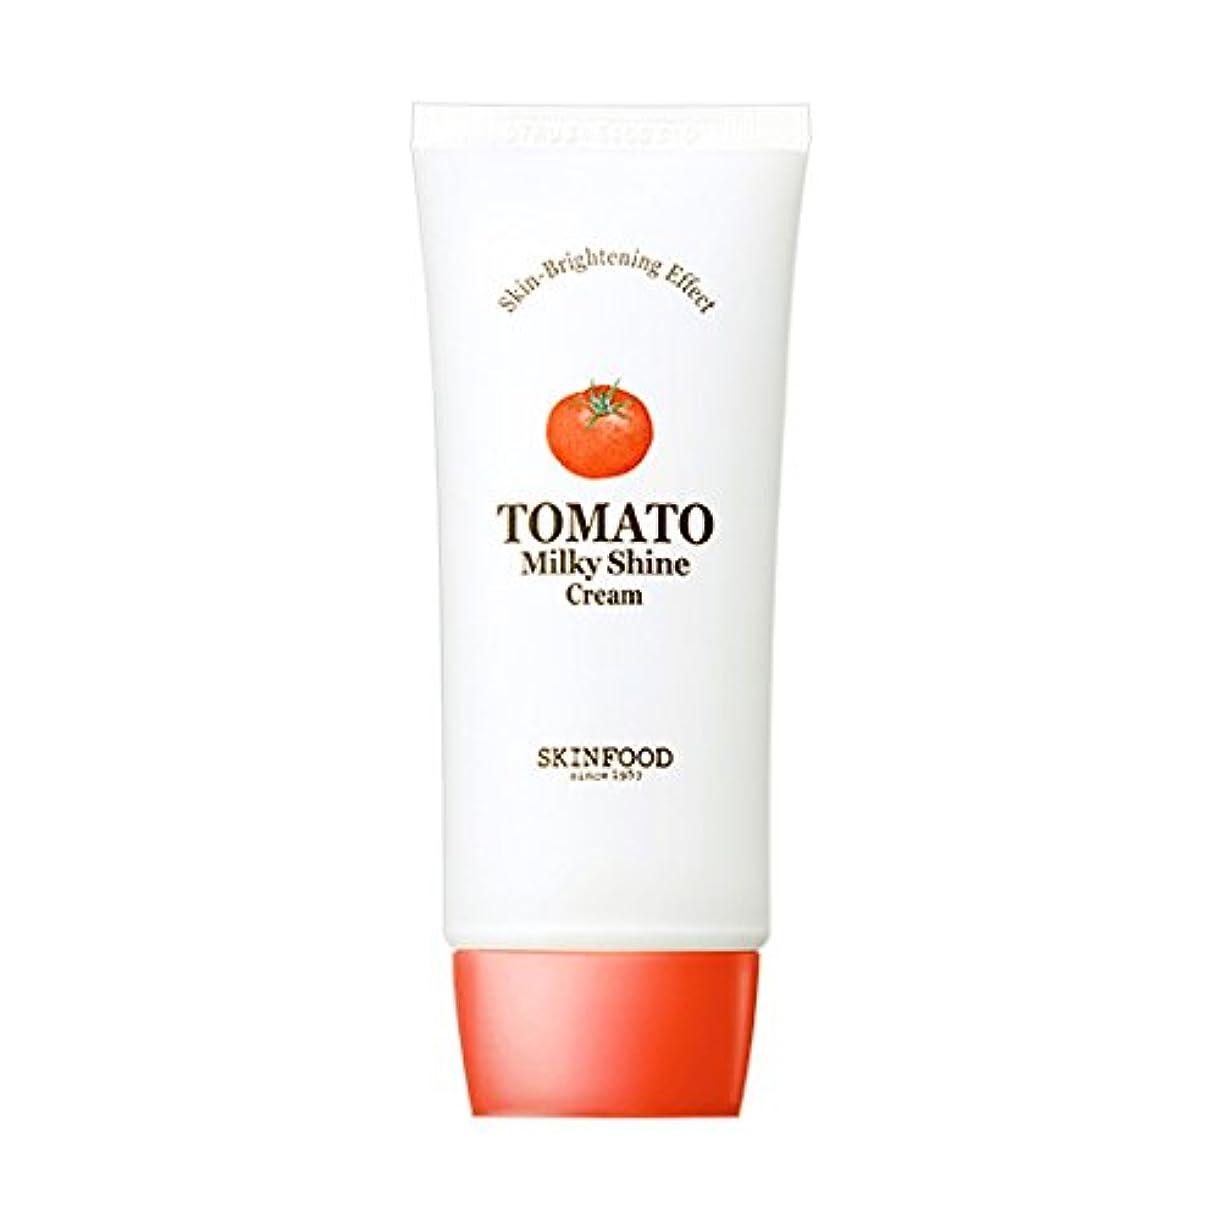 黙テスピアン最少Skinfood トマトミルキーシャインクリーム/omato Milky Shine Cream 50ml [並行輸入品]